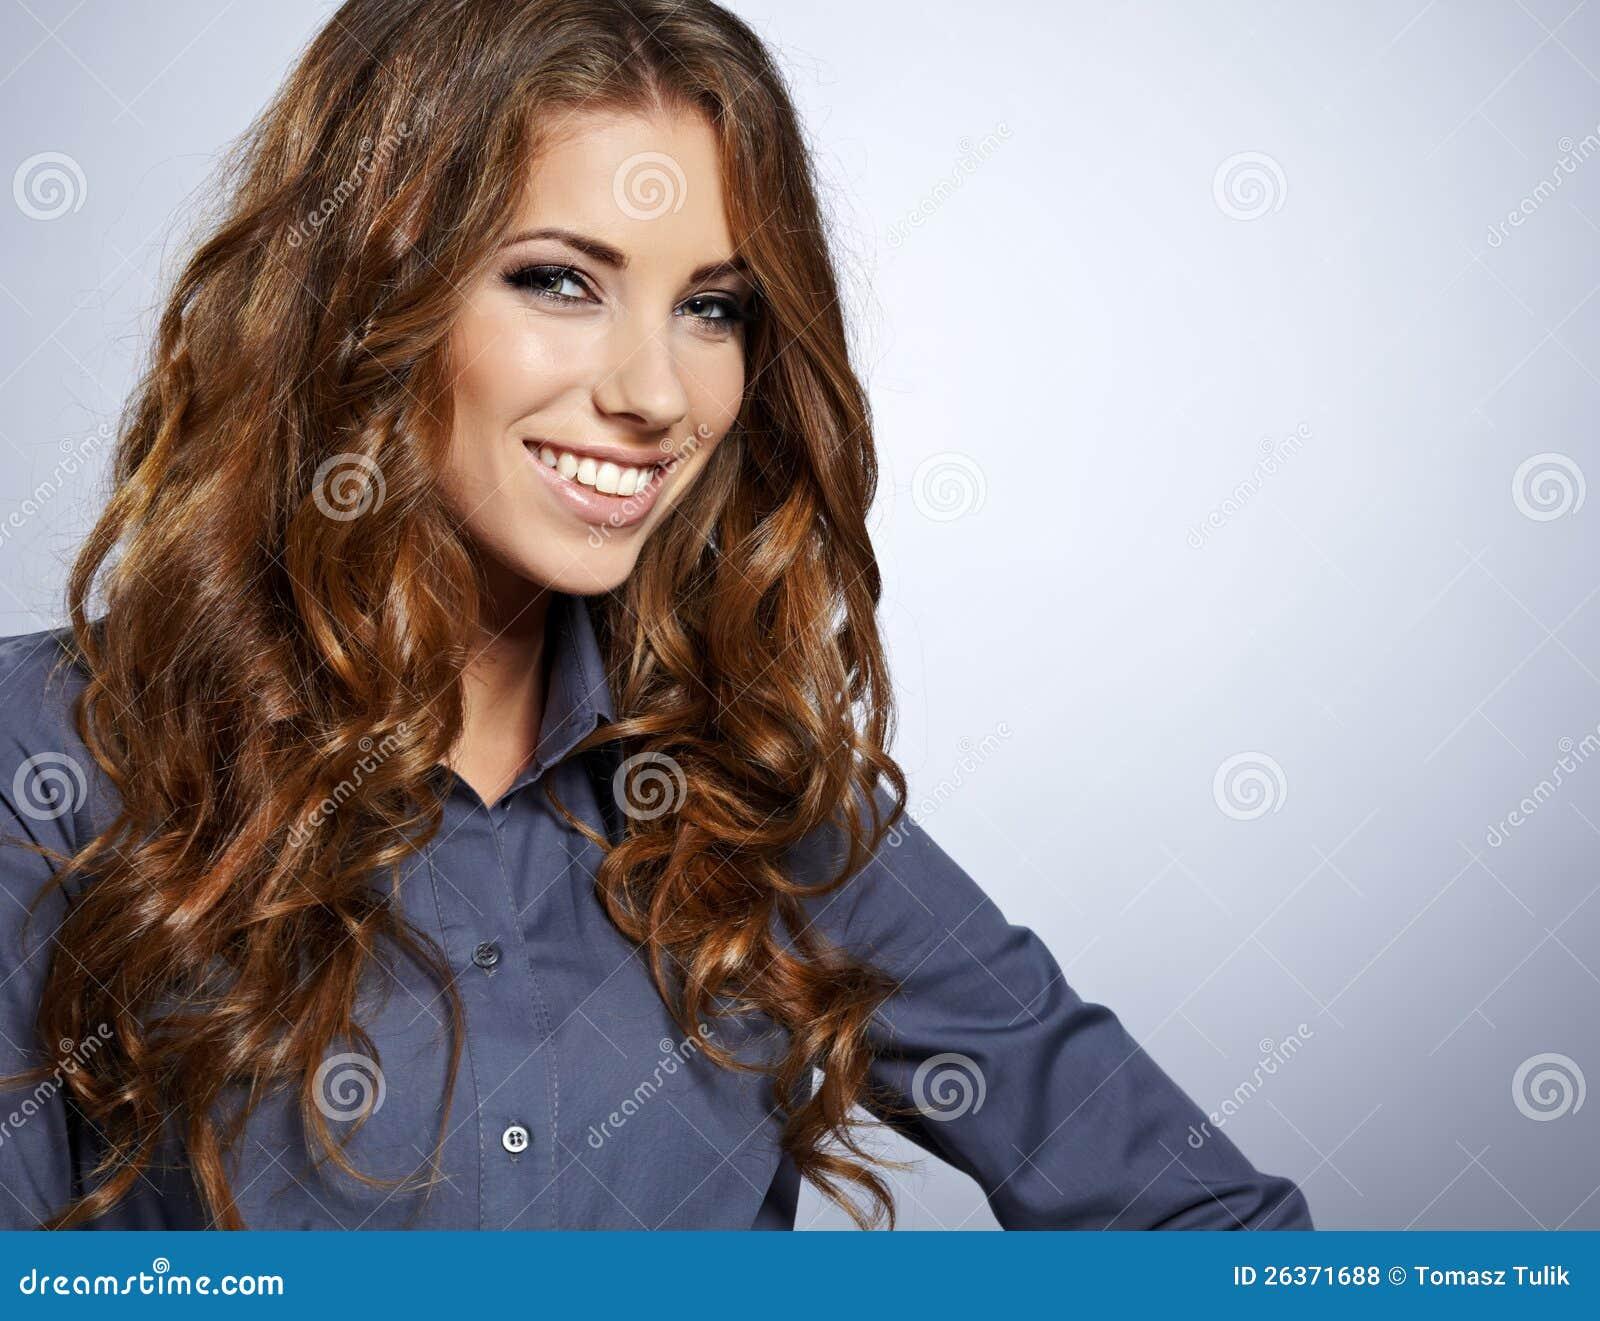 Lächelnde Geschäftsfrau.